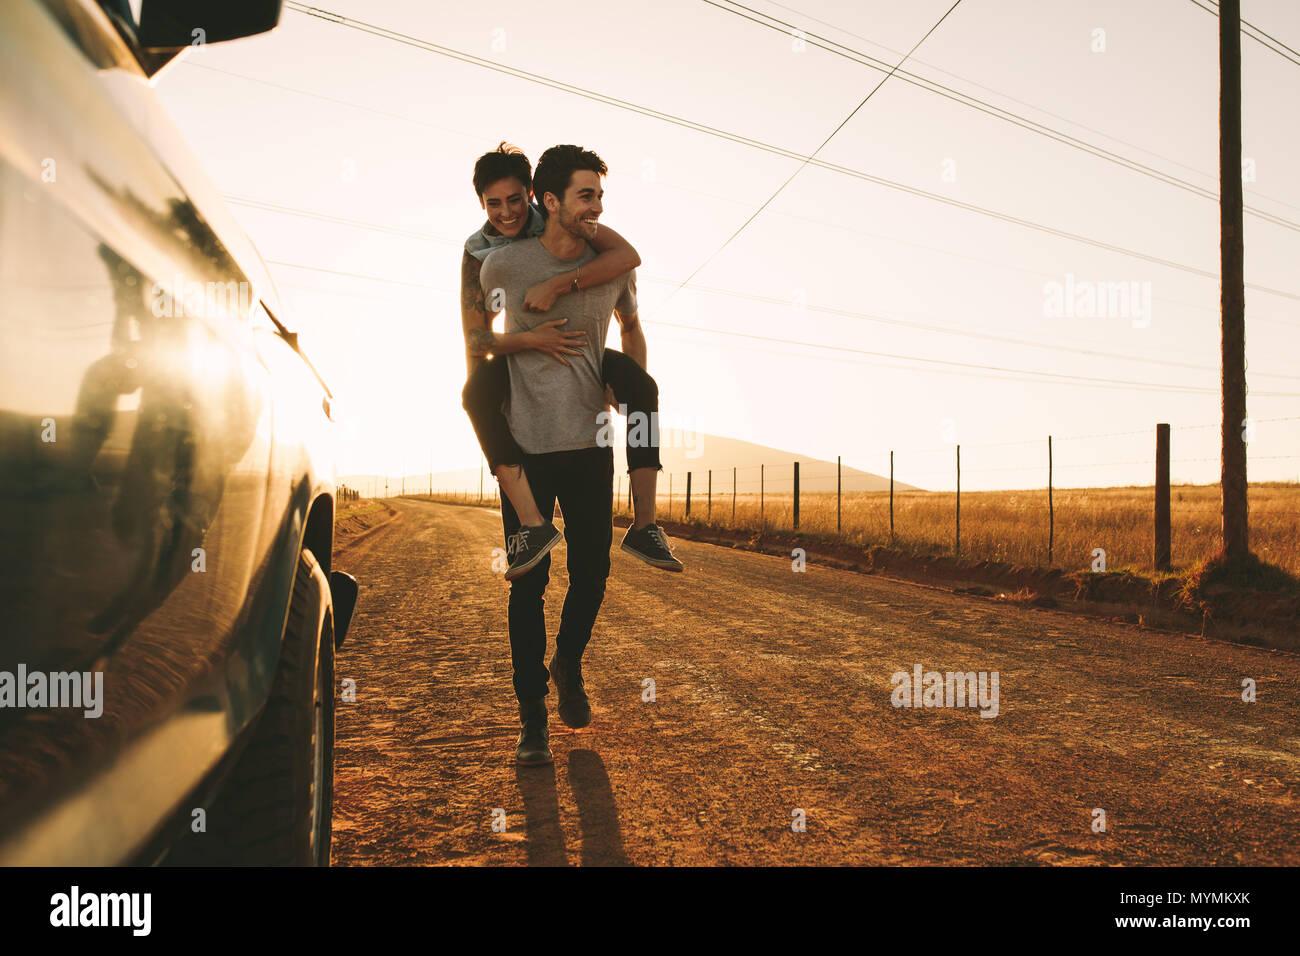 Woman piggy à cheval sur un homme à l'extérieur dans la campagne. Homme portant une femme sur son dos tandis que sur un voyage sur la route. Photo Stock